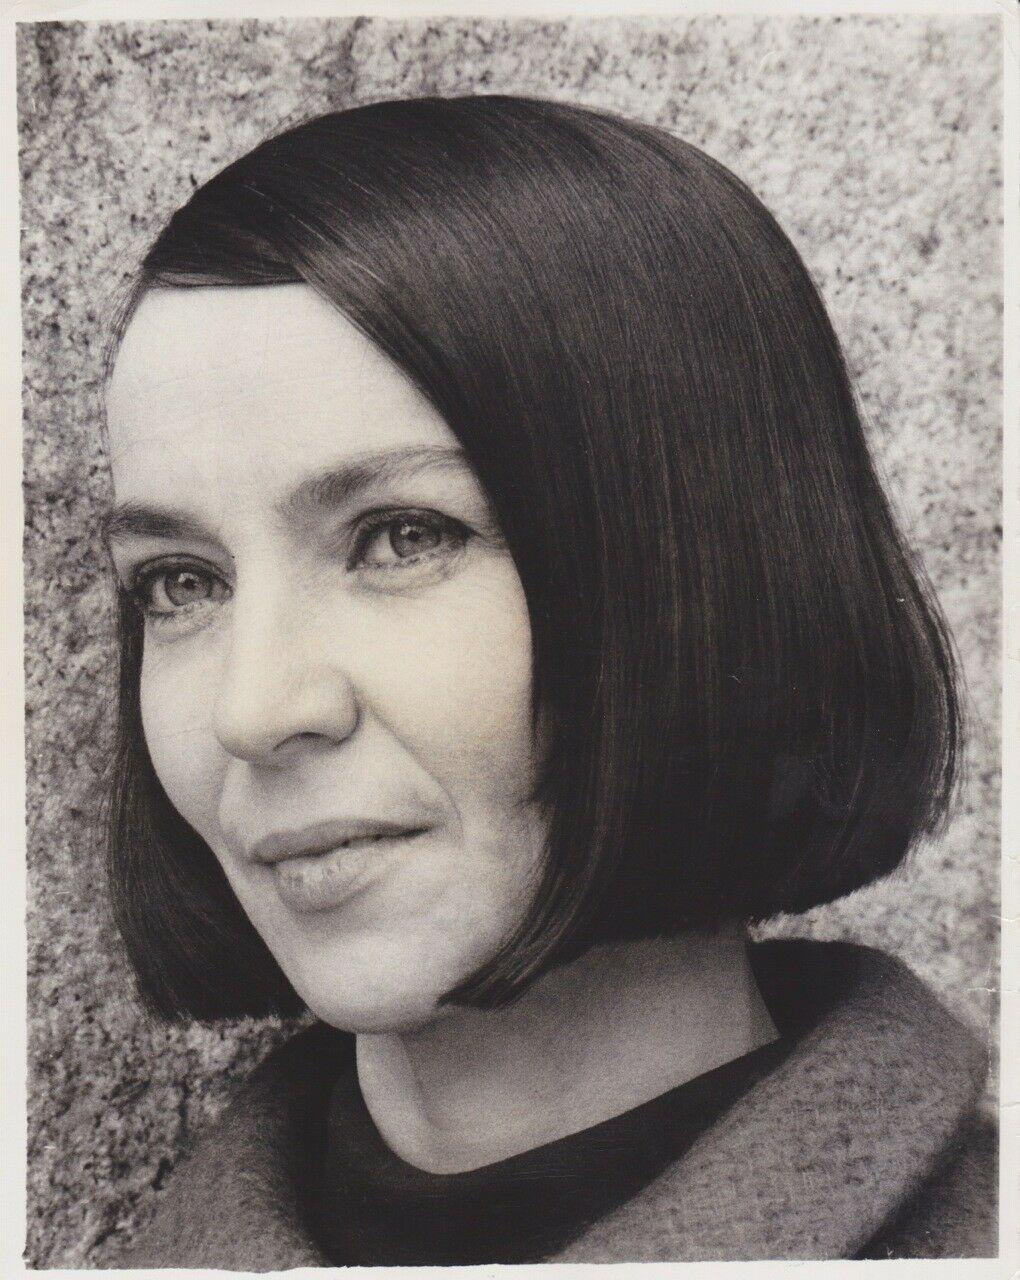 ギャラガー ヘレン